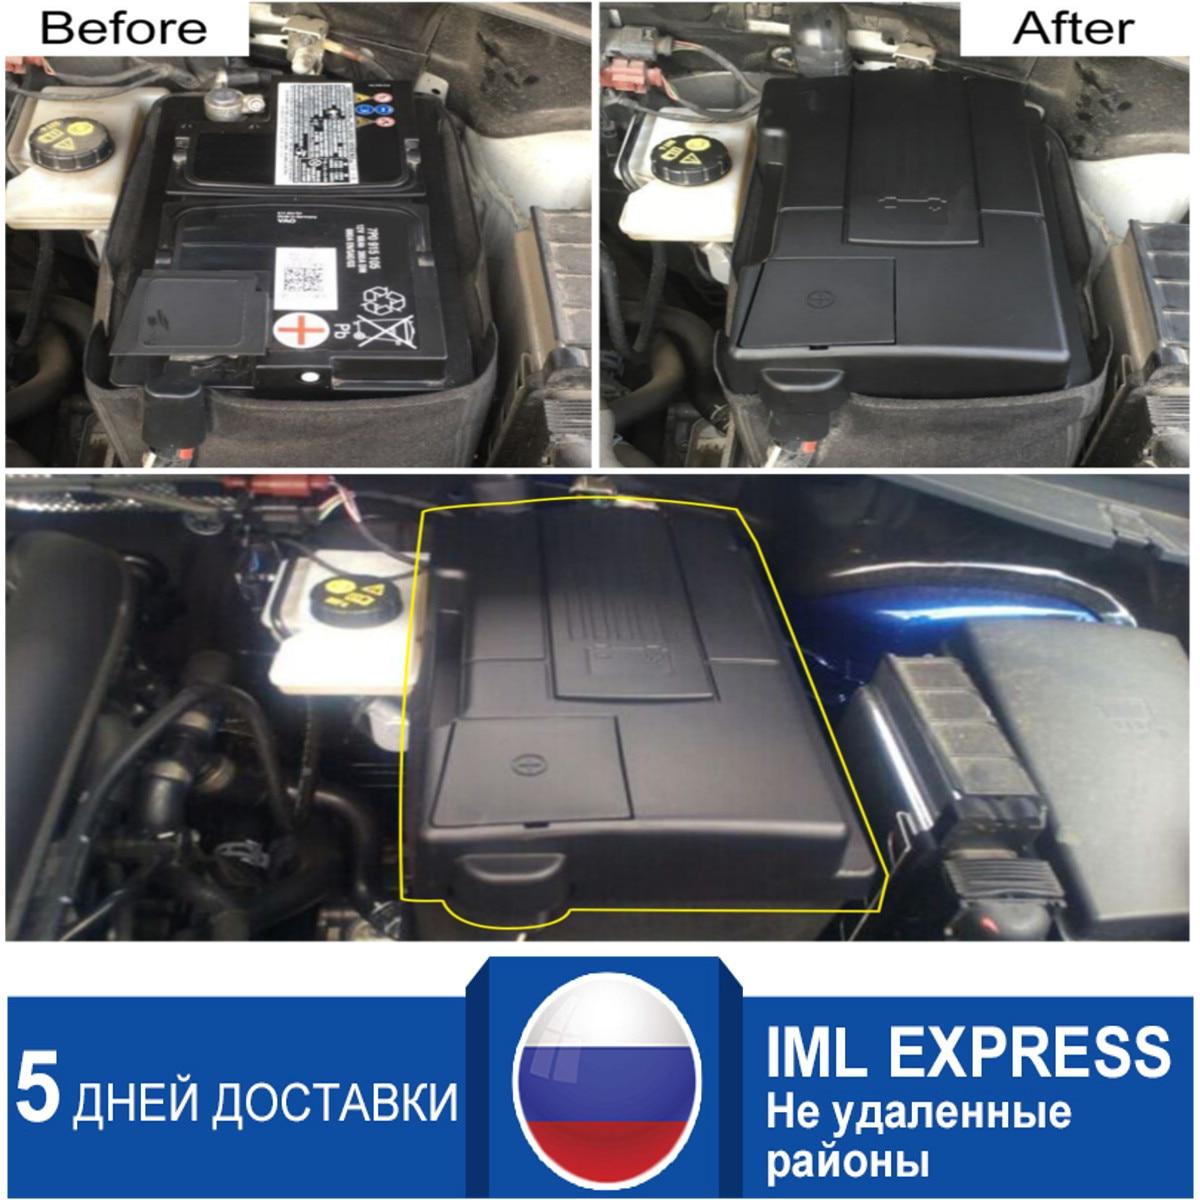 Bateria do motor à prova de poeira eletrodo negativo impermeável capa protetora para skoda kodiaq octavia 5e a7 vw tiguan l 2016-2019